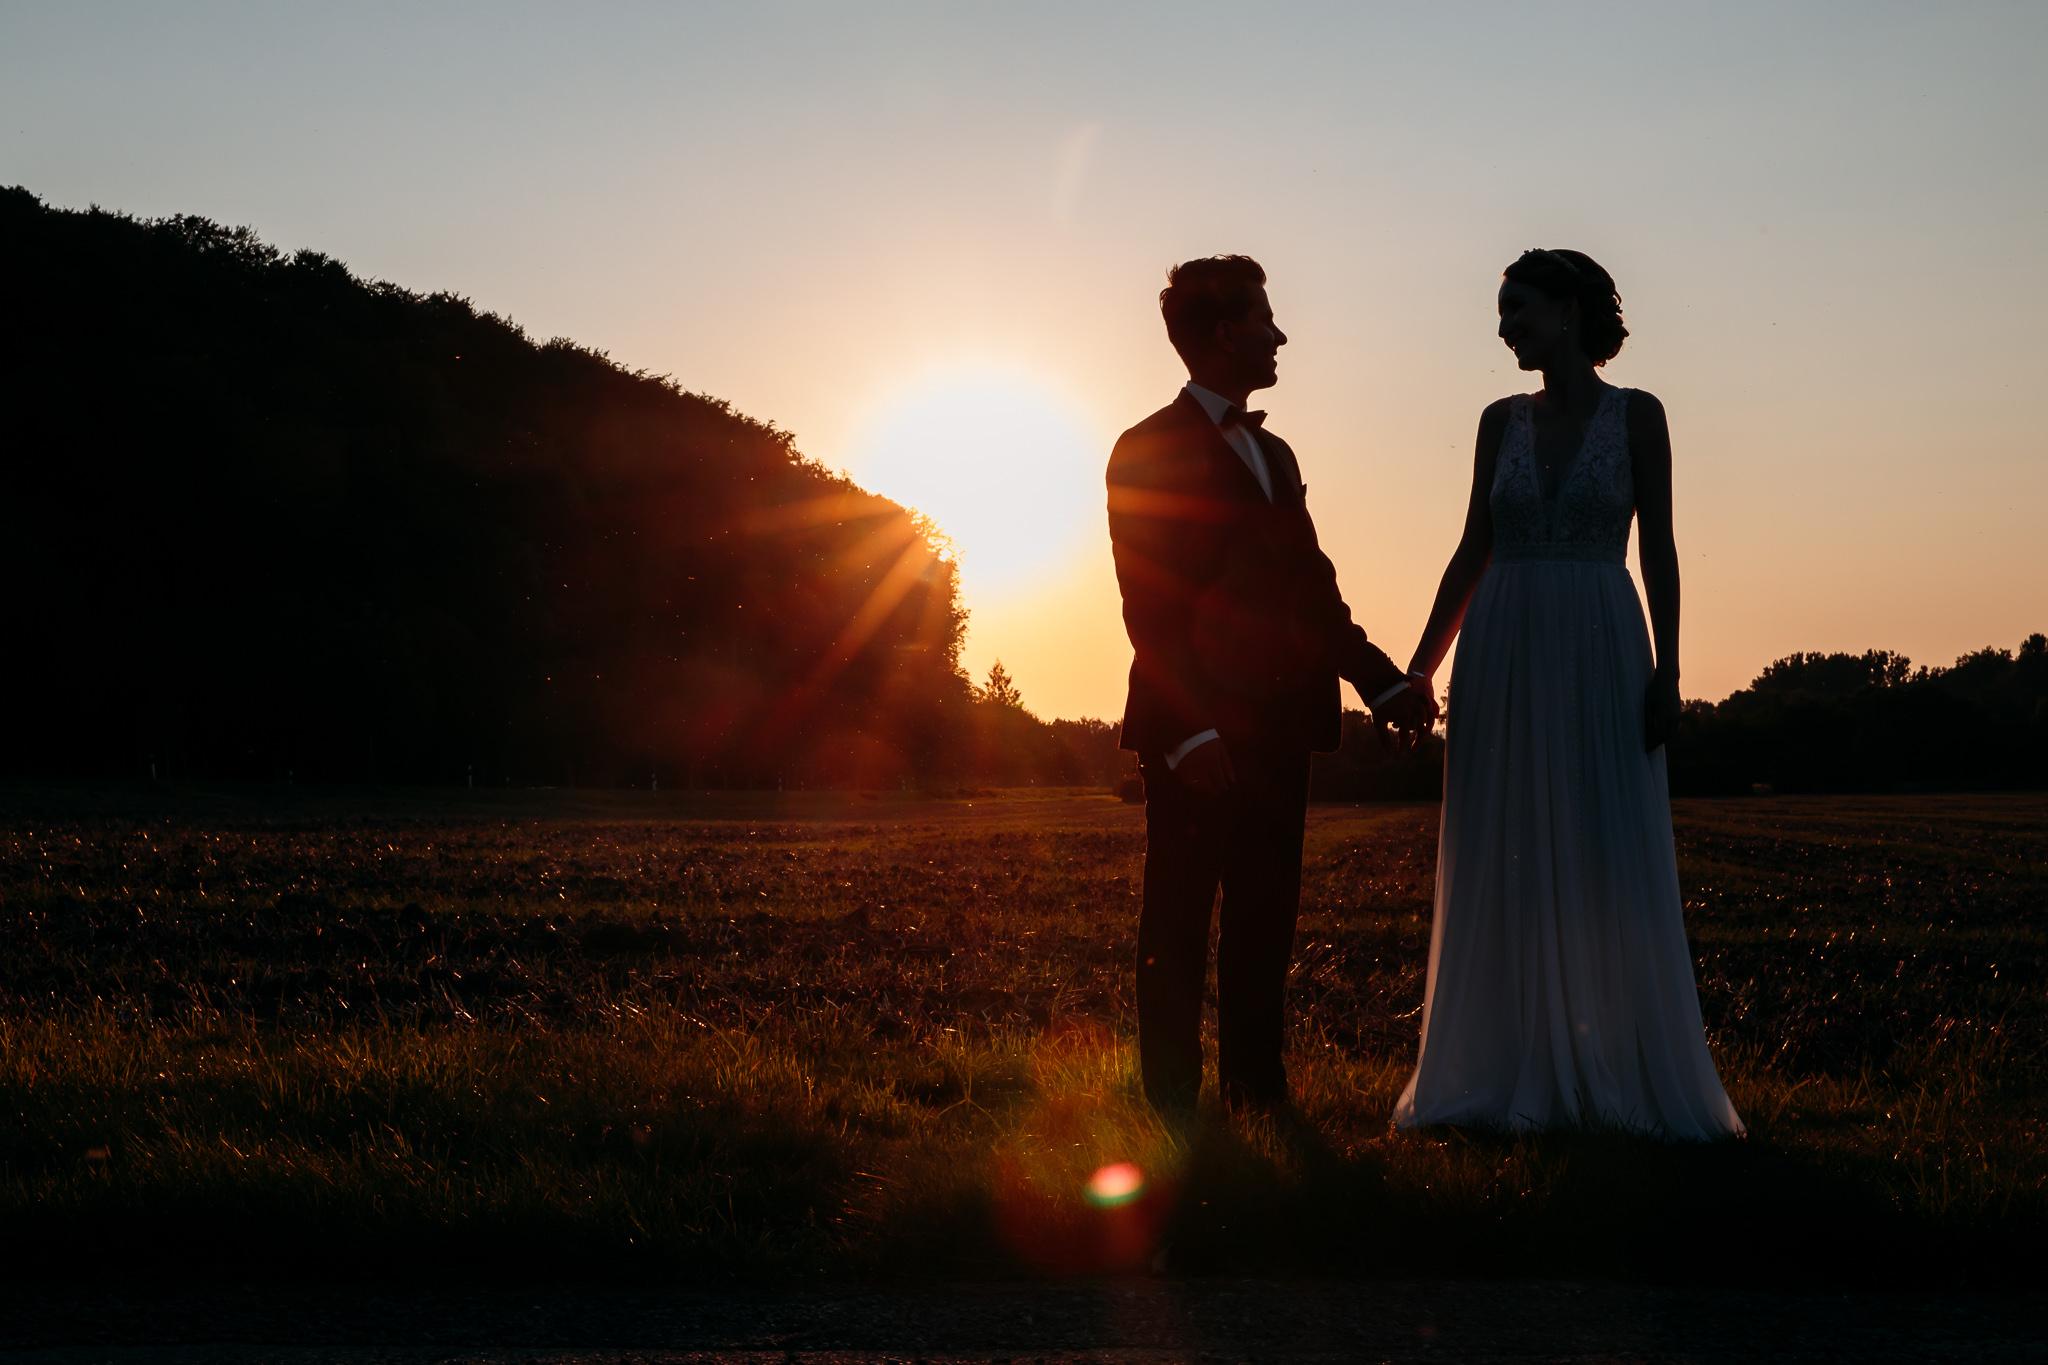 190824_Kirchliche_Hochzeit_Niedersachsen_Northeim_Freigeist_A+H_JFRcreatives_Prev_0016.jpg